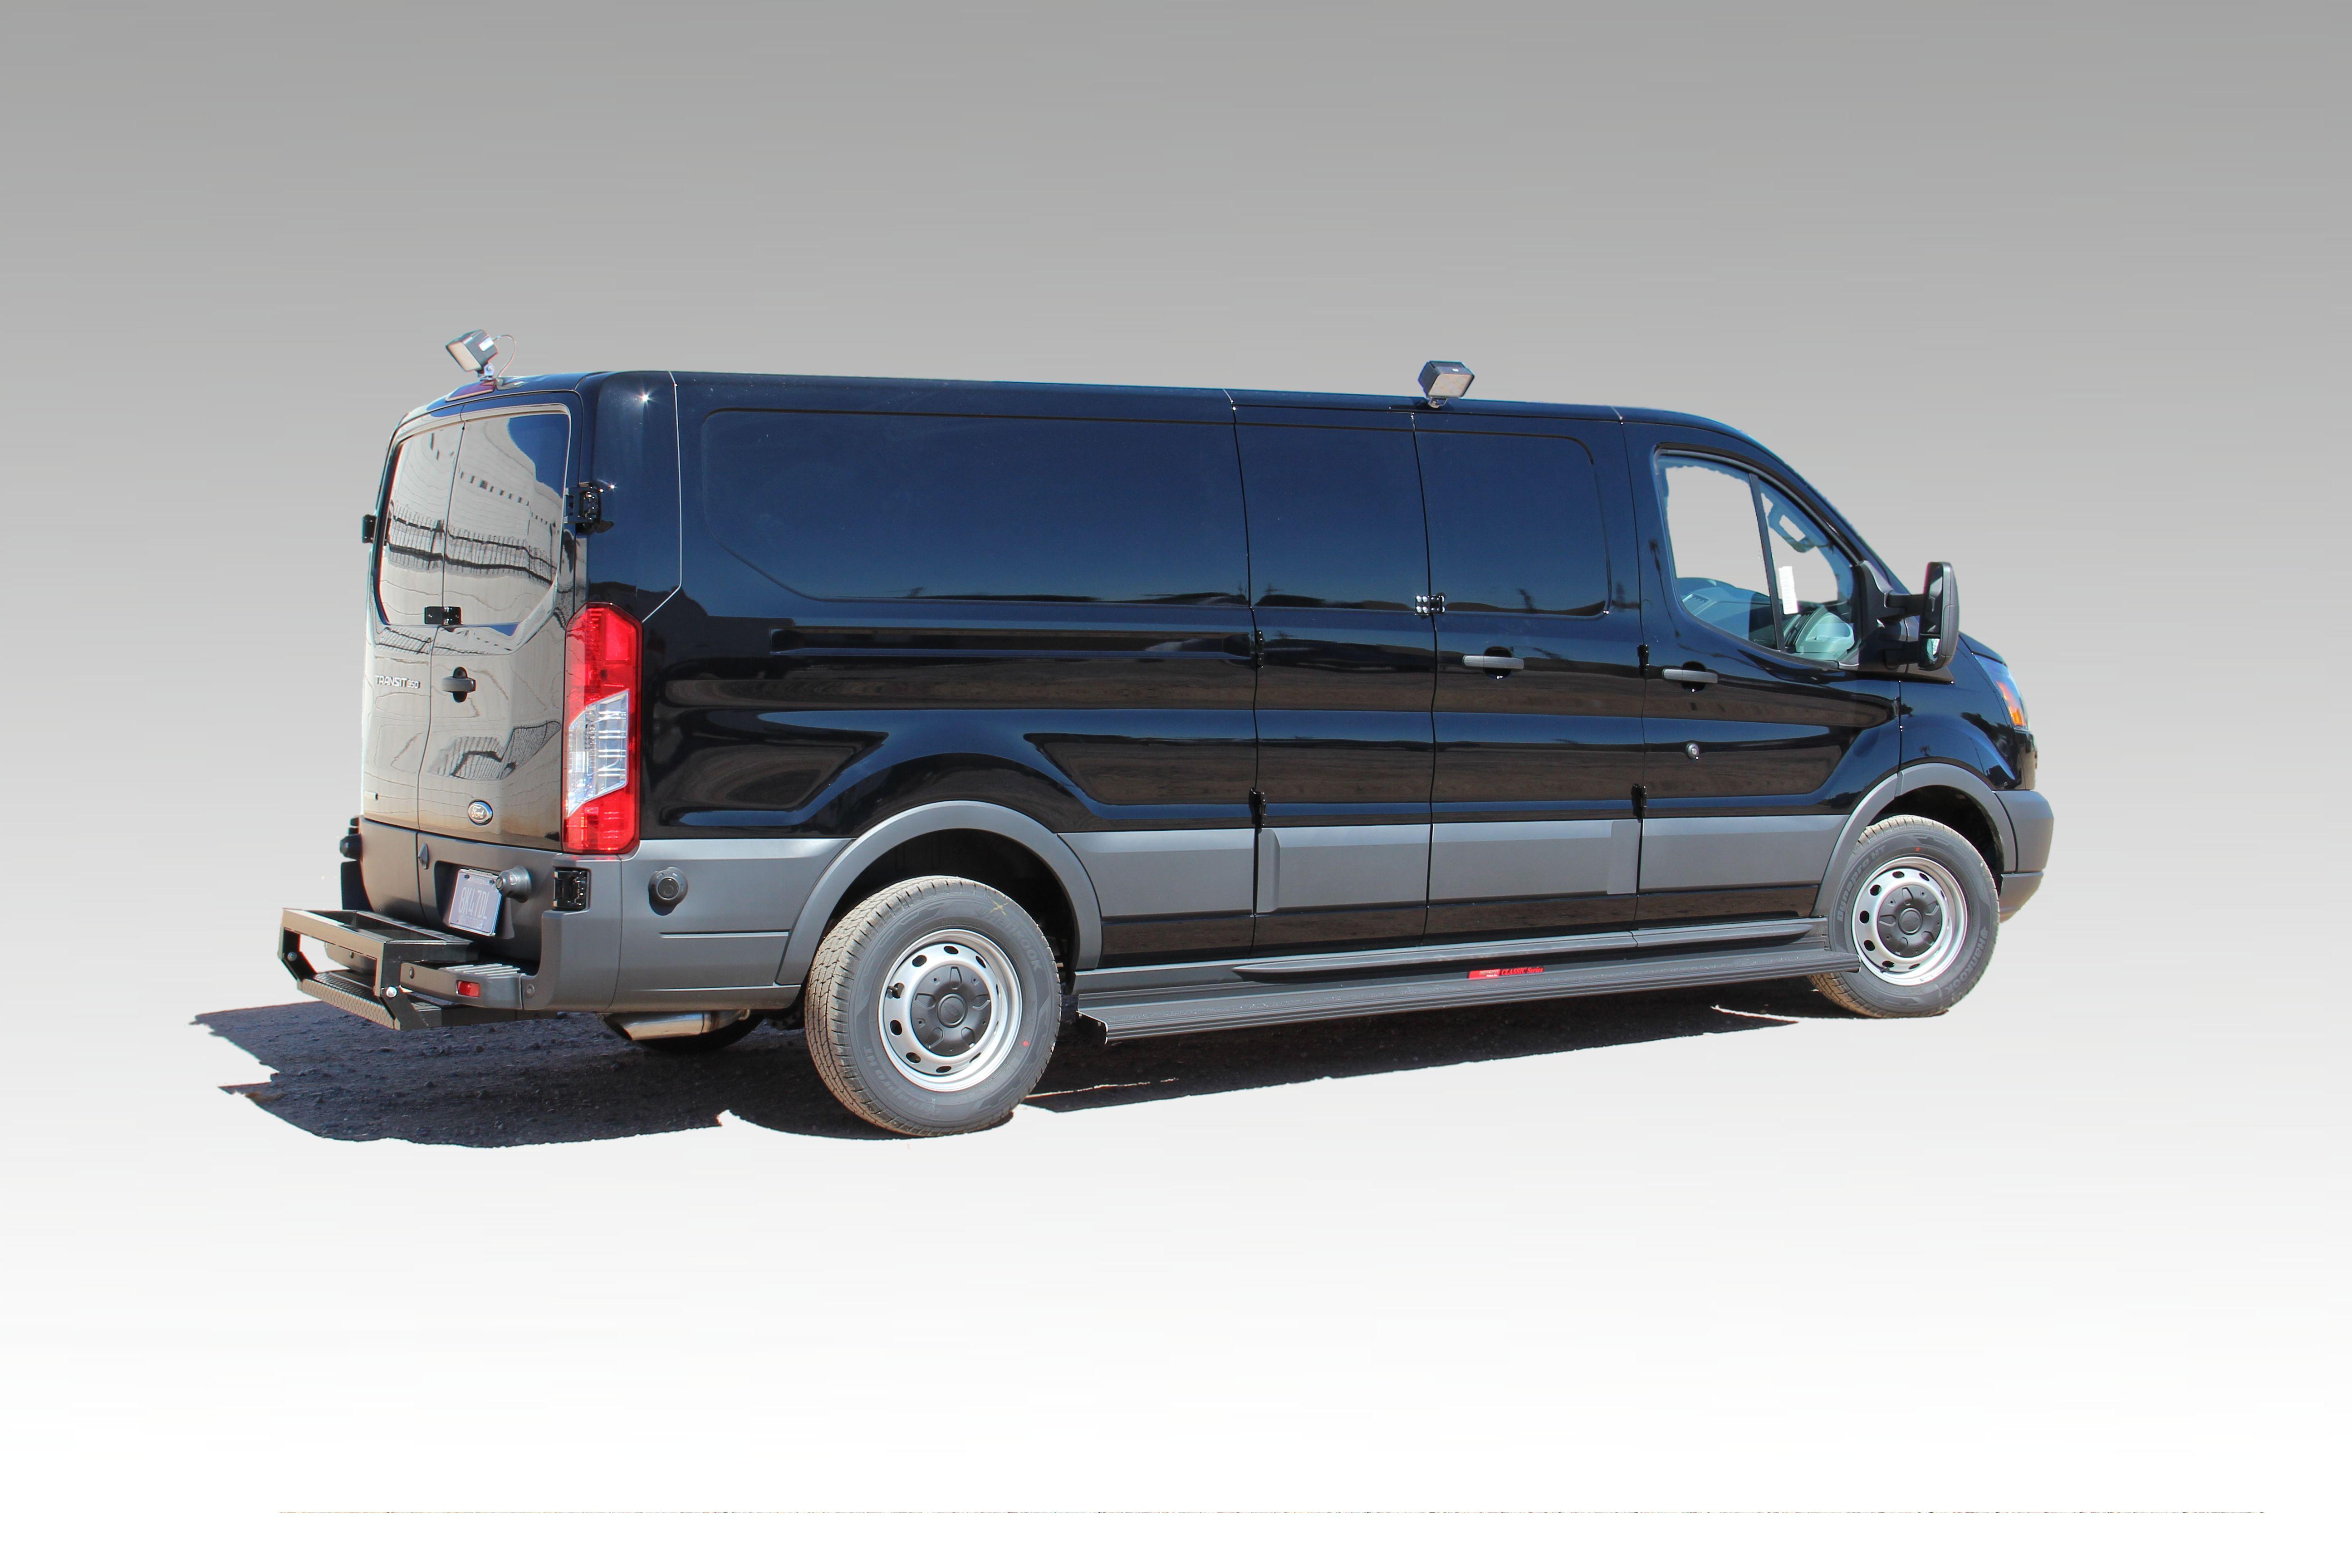 Ford Transit Prisoner Transport -Quality Vans & Specialty